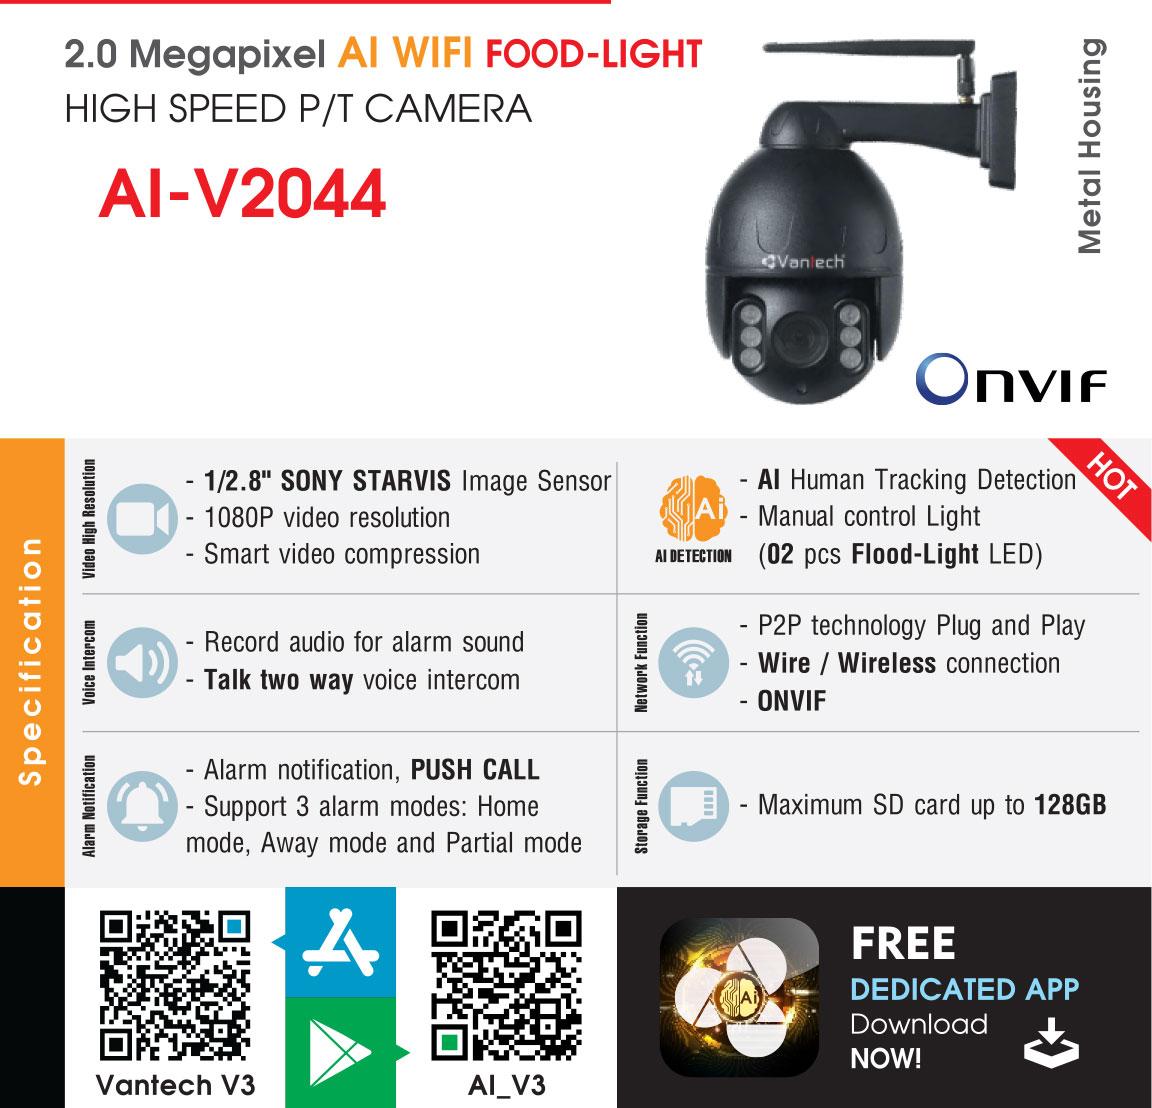 AI-V2044